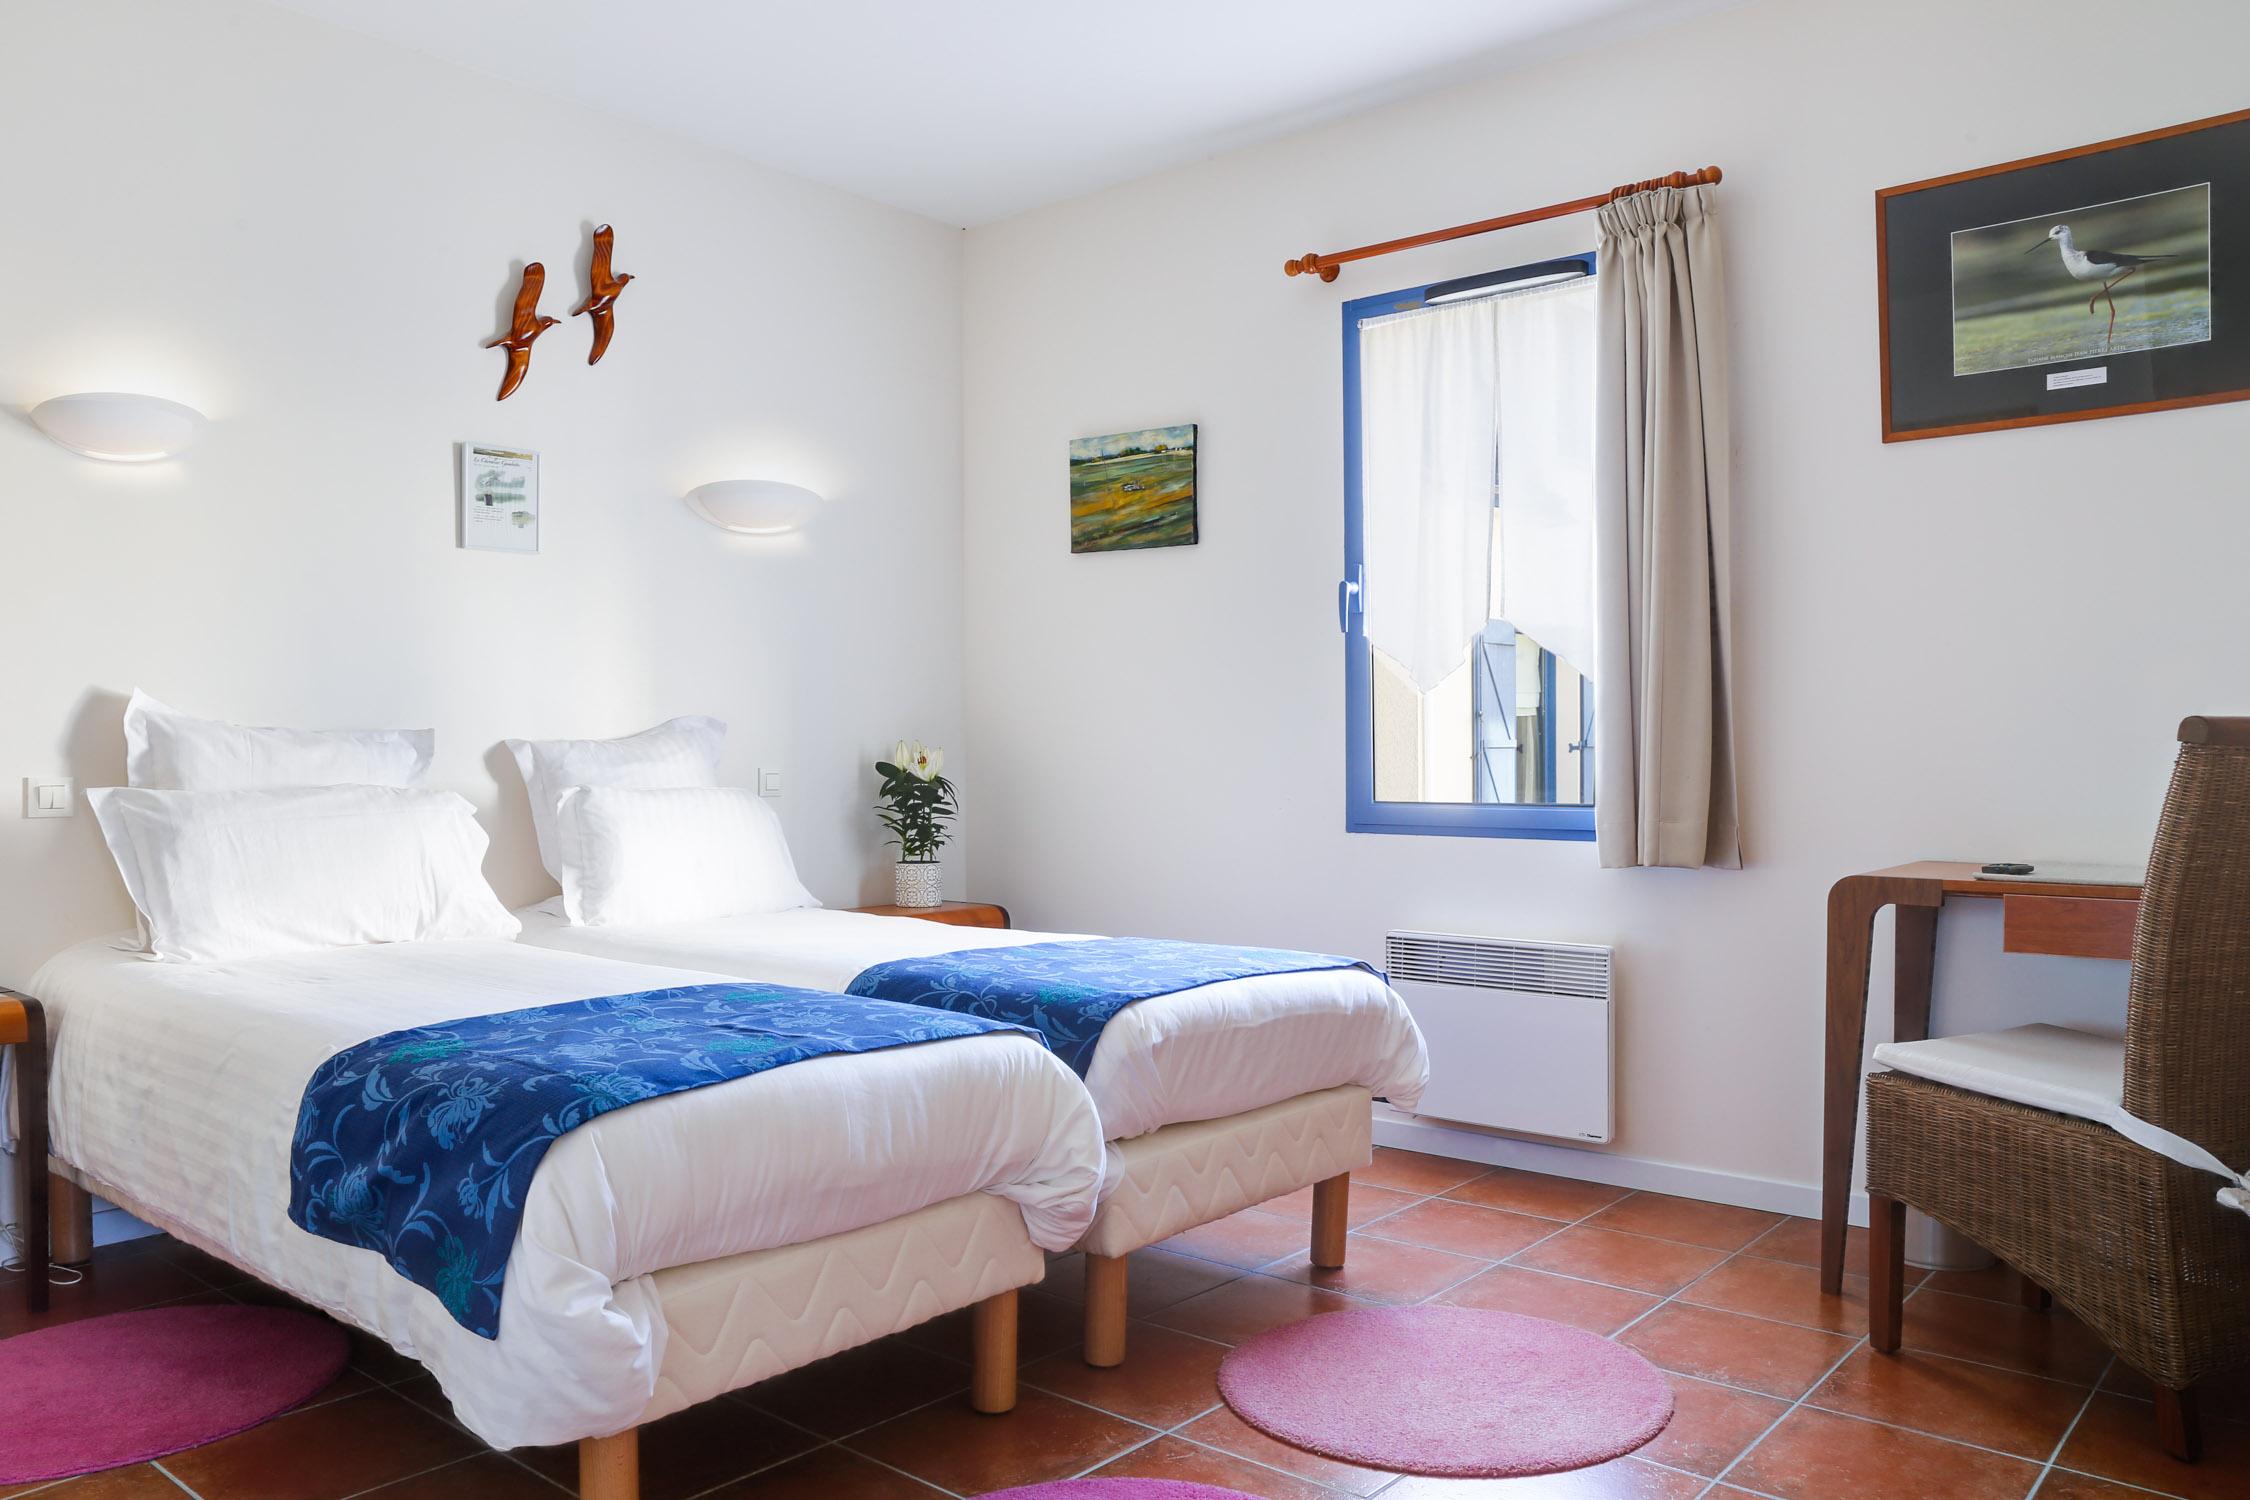 Chambres familiales suite parentale hotel chevalier for Chambre suite parentale